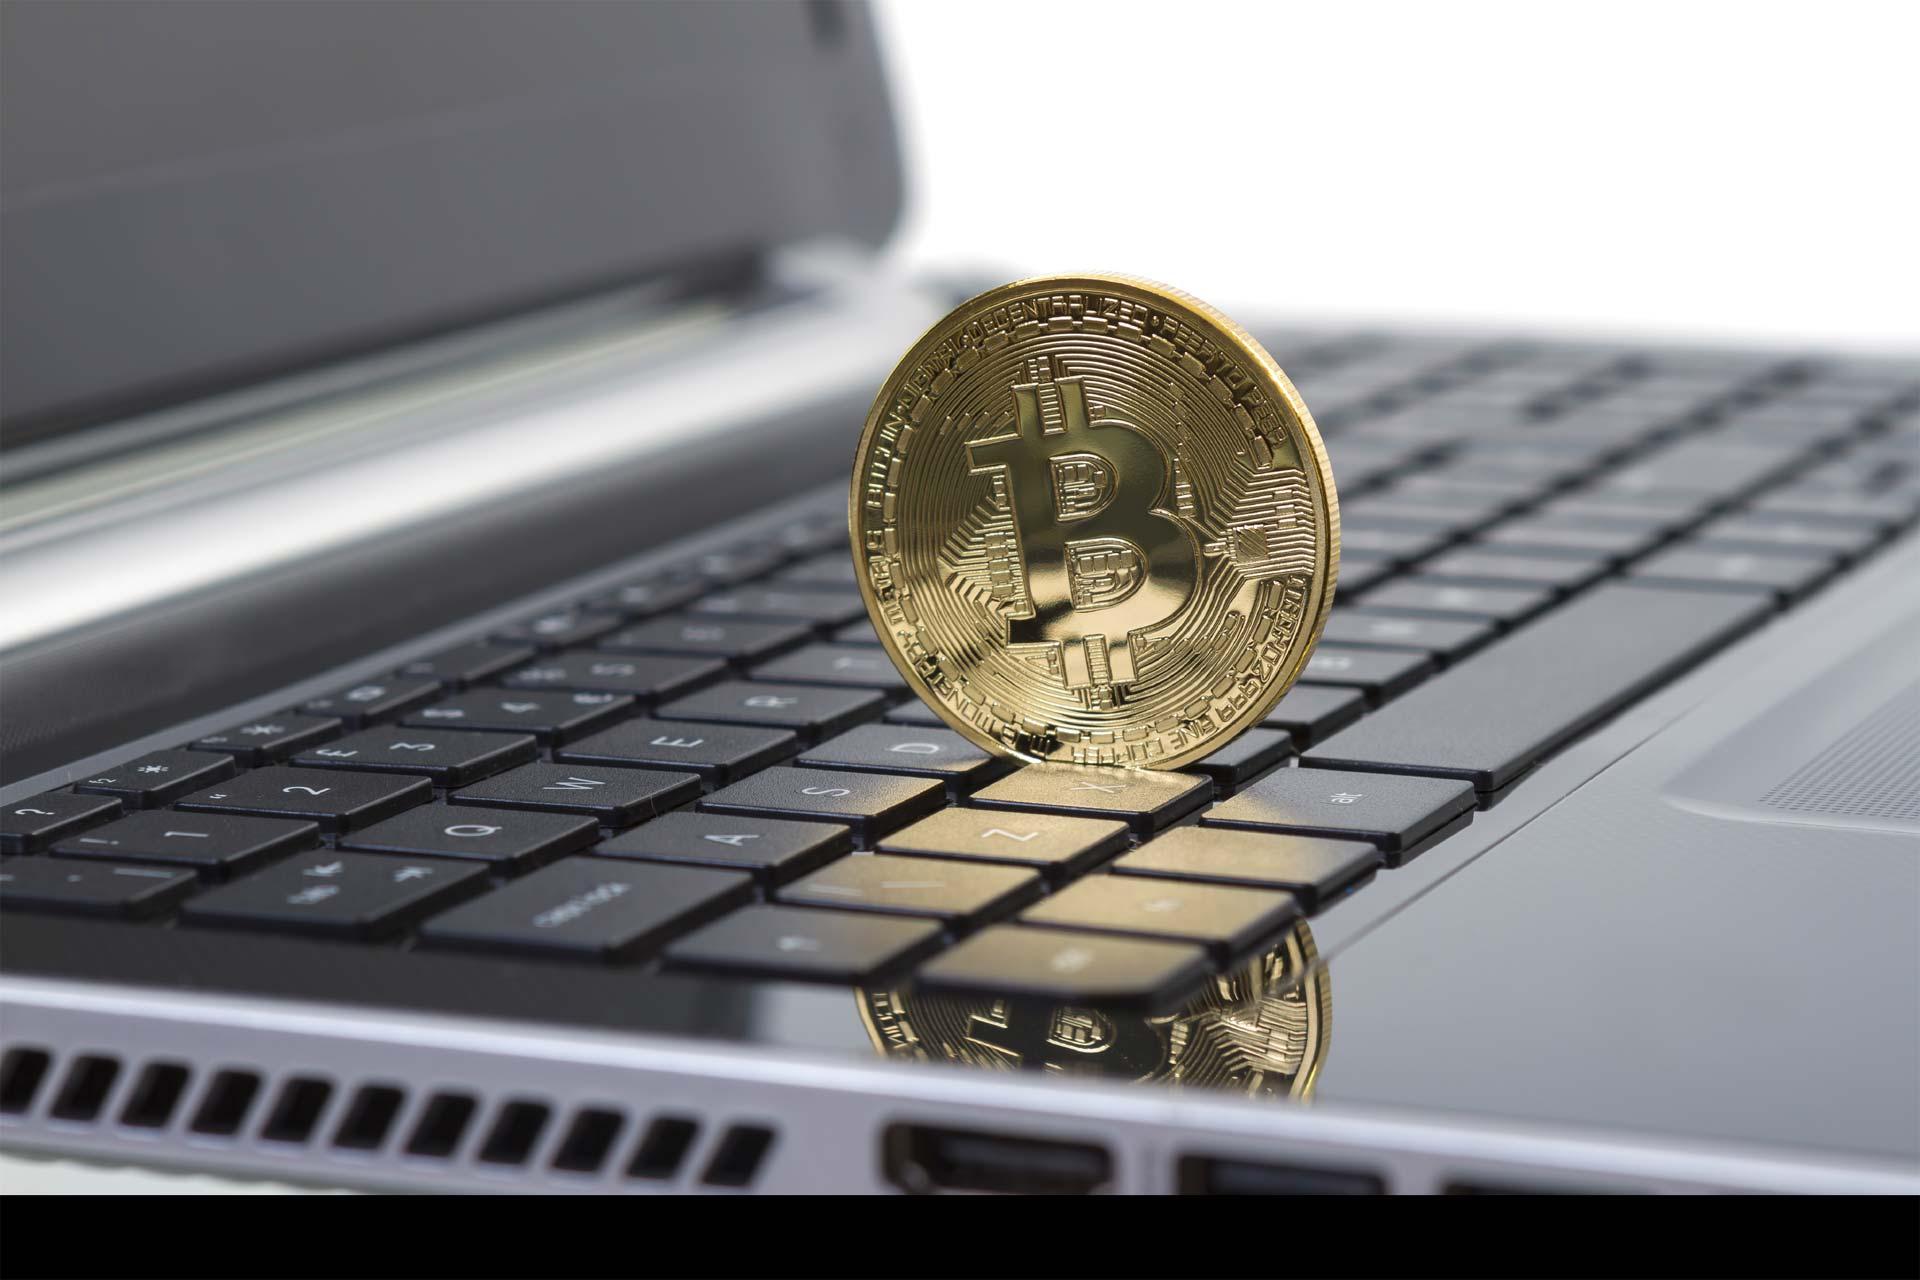 La cadena de bloques ofrece grandes ventajas a nivel de ciberseguridad